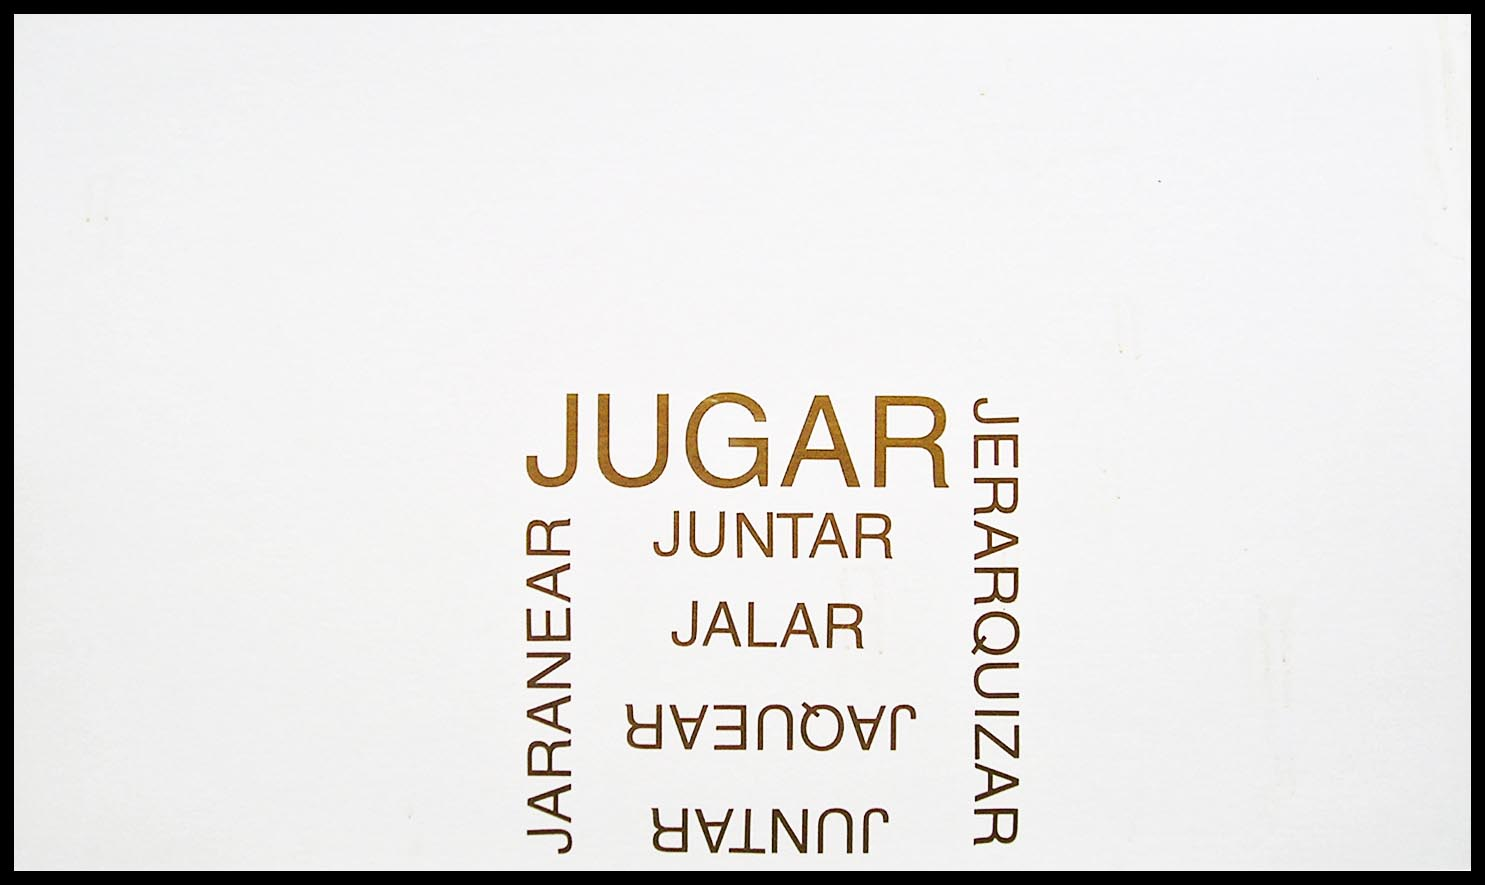 Abecedario, J; papel collage, 29 cm x 49 cm, 2003